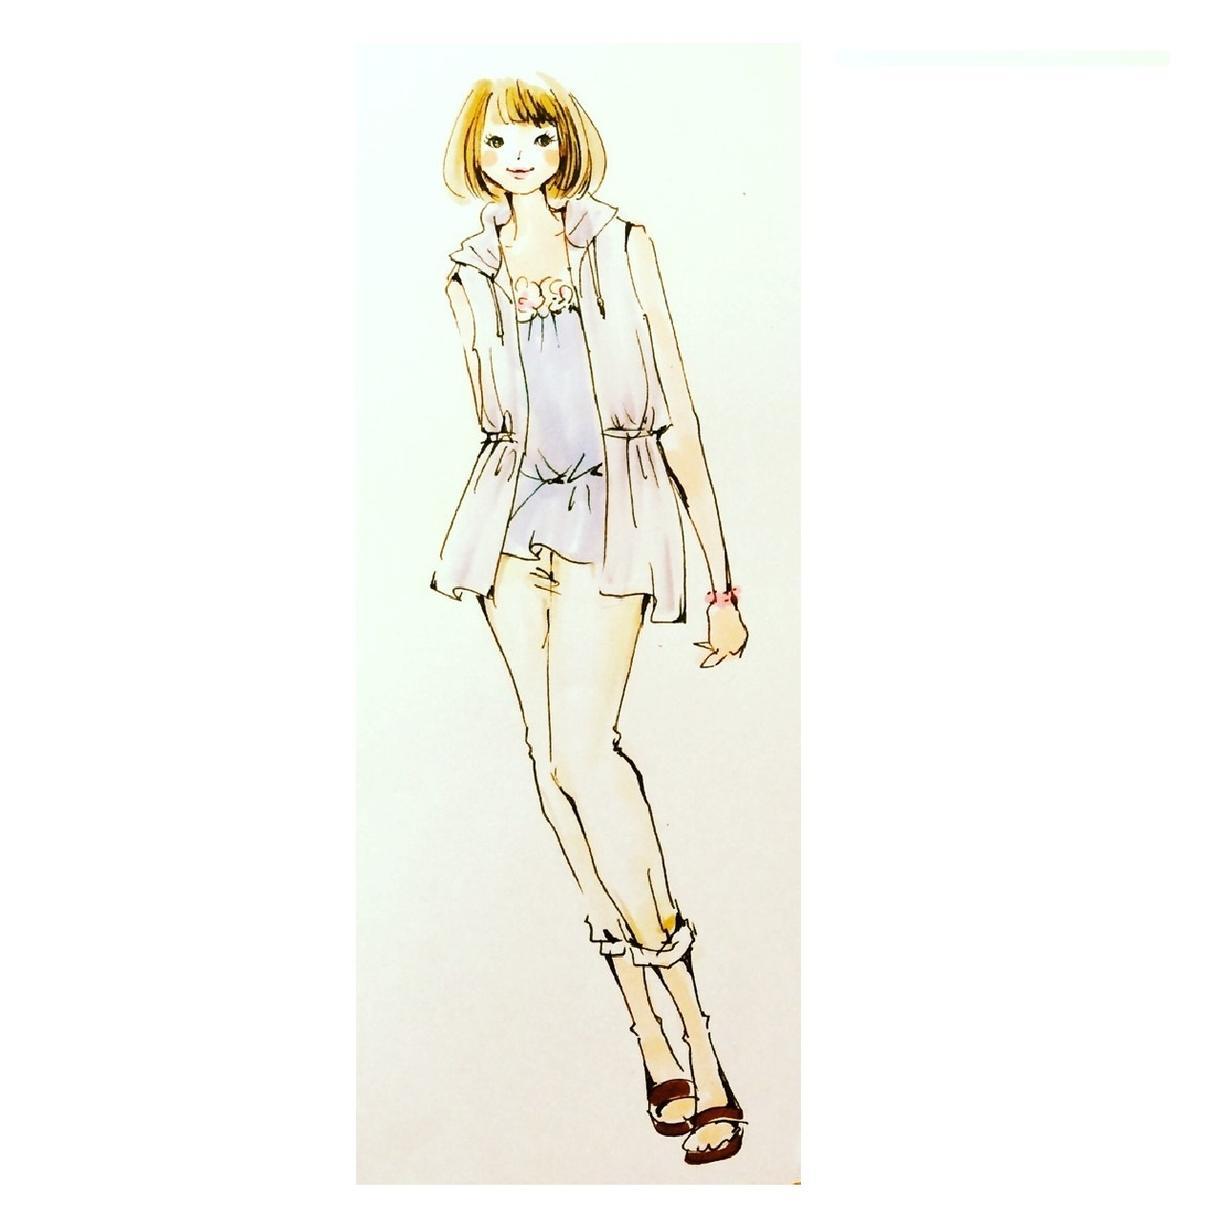 レディースファッションデザイン画を描きます お好きなコーディネートを8等身女性に着せて描きます!